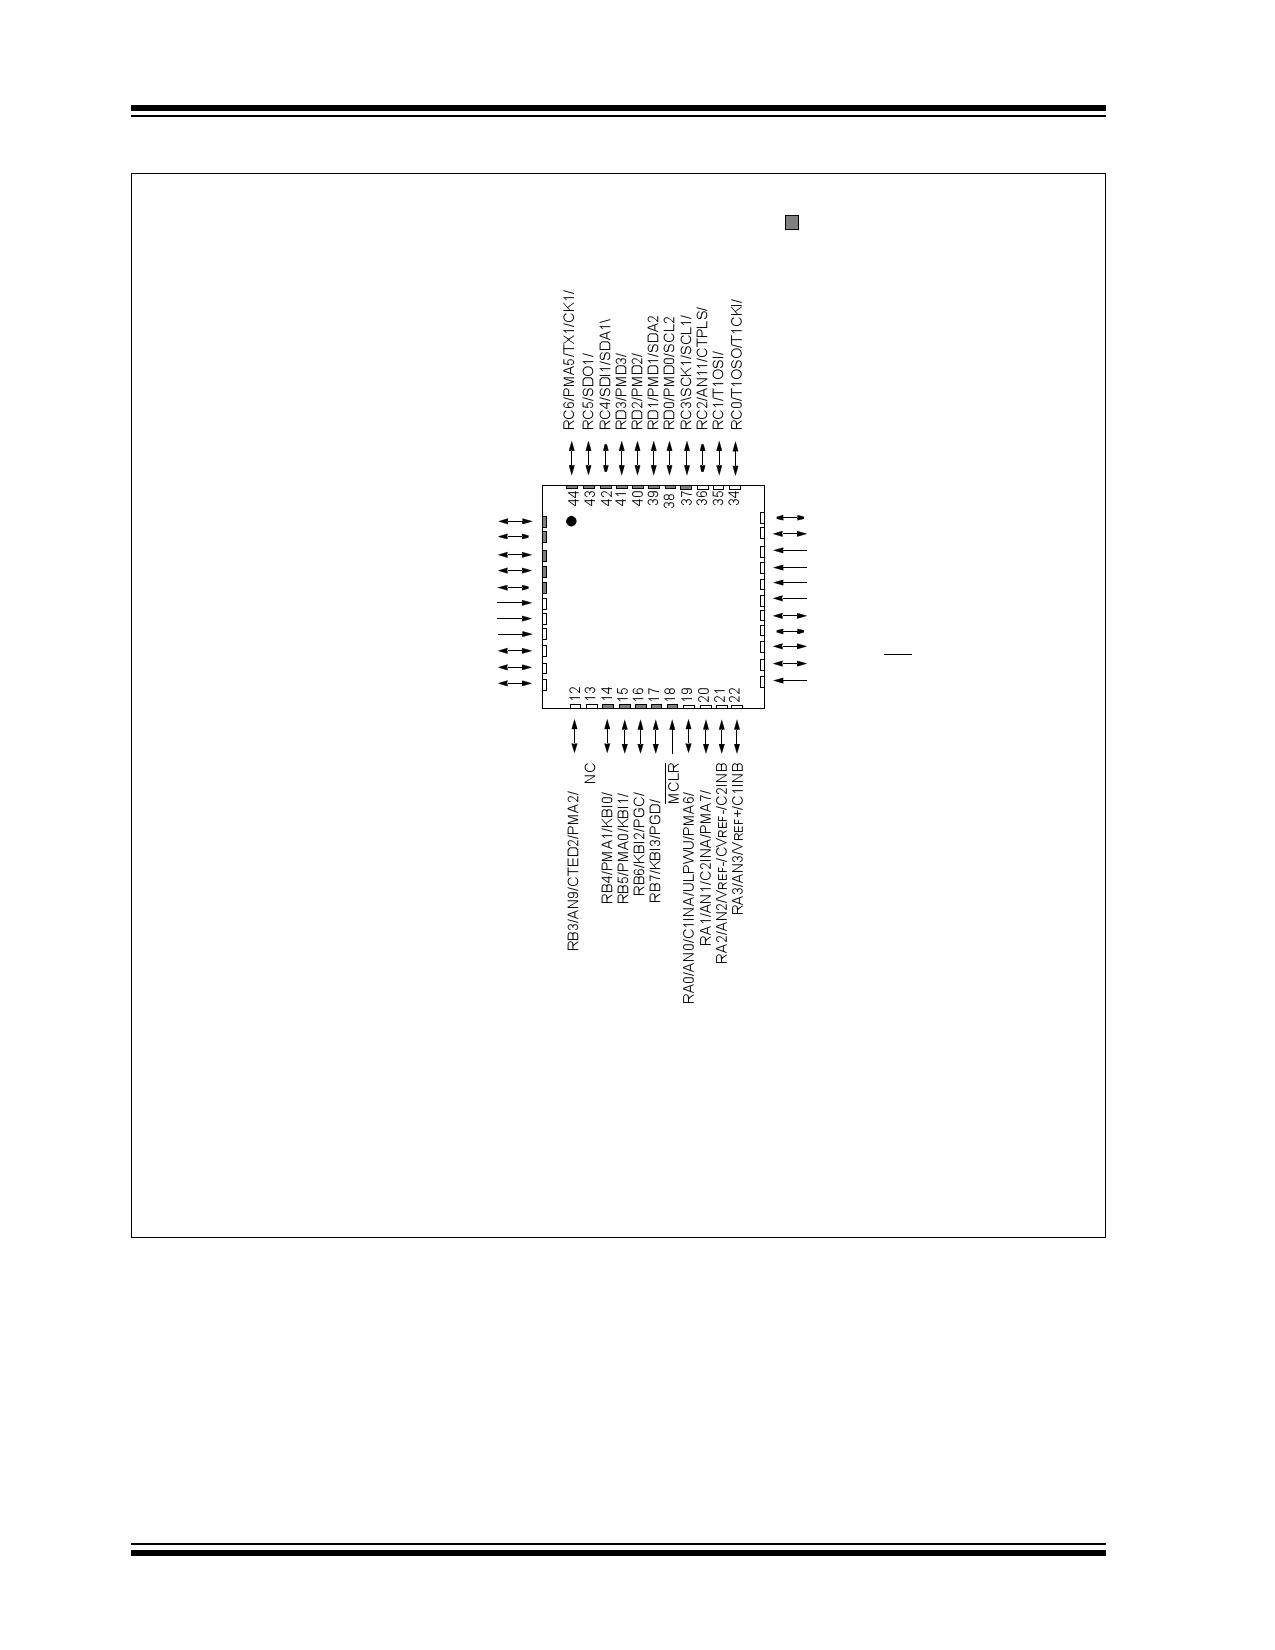 PIC18F46J11 電子部品, 半導体